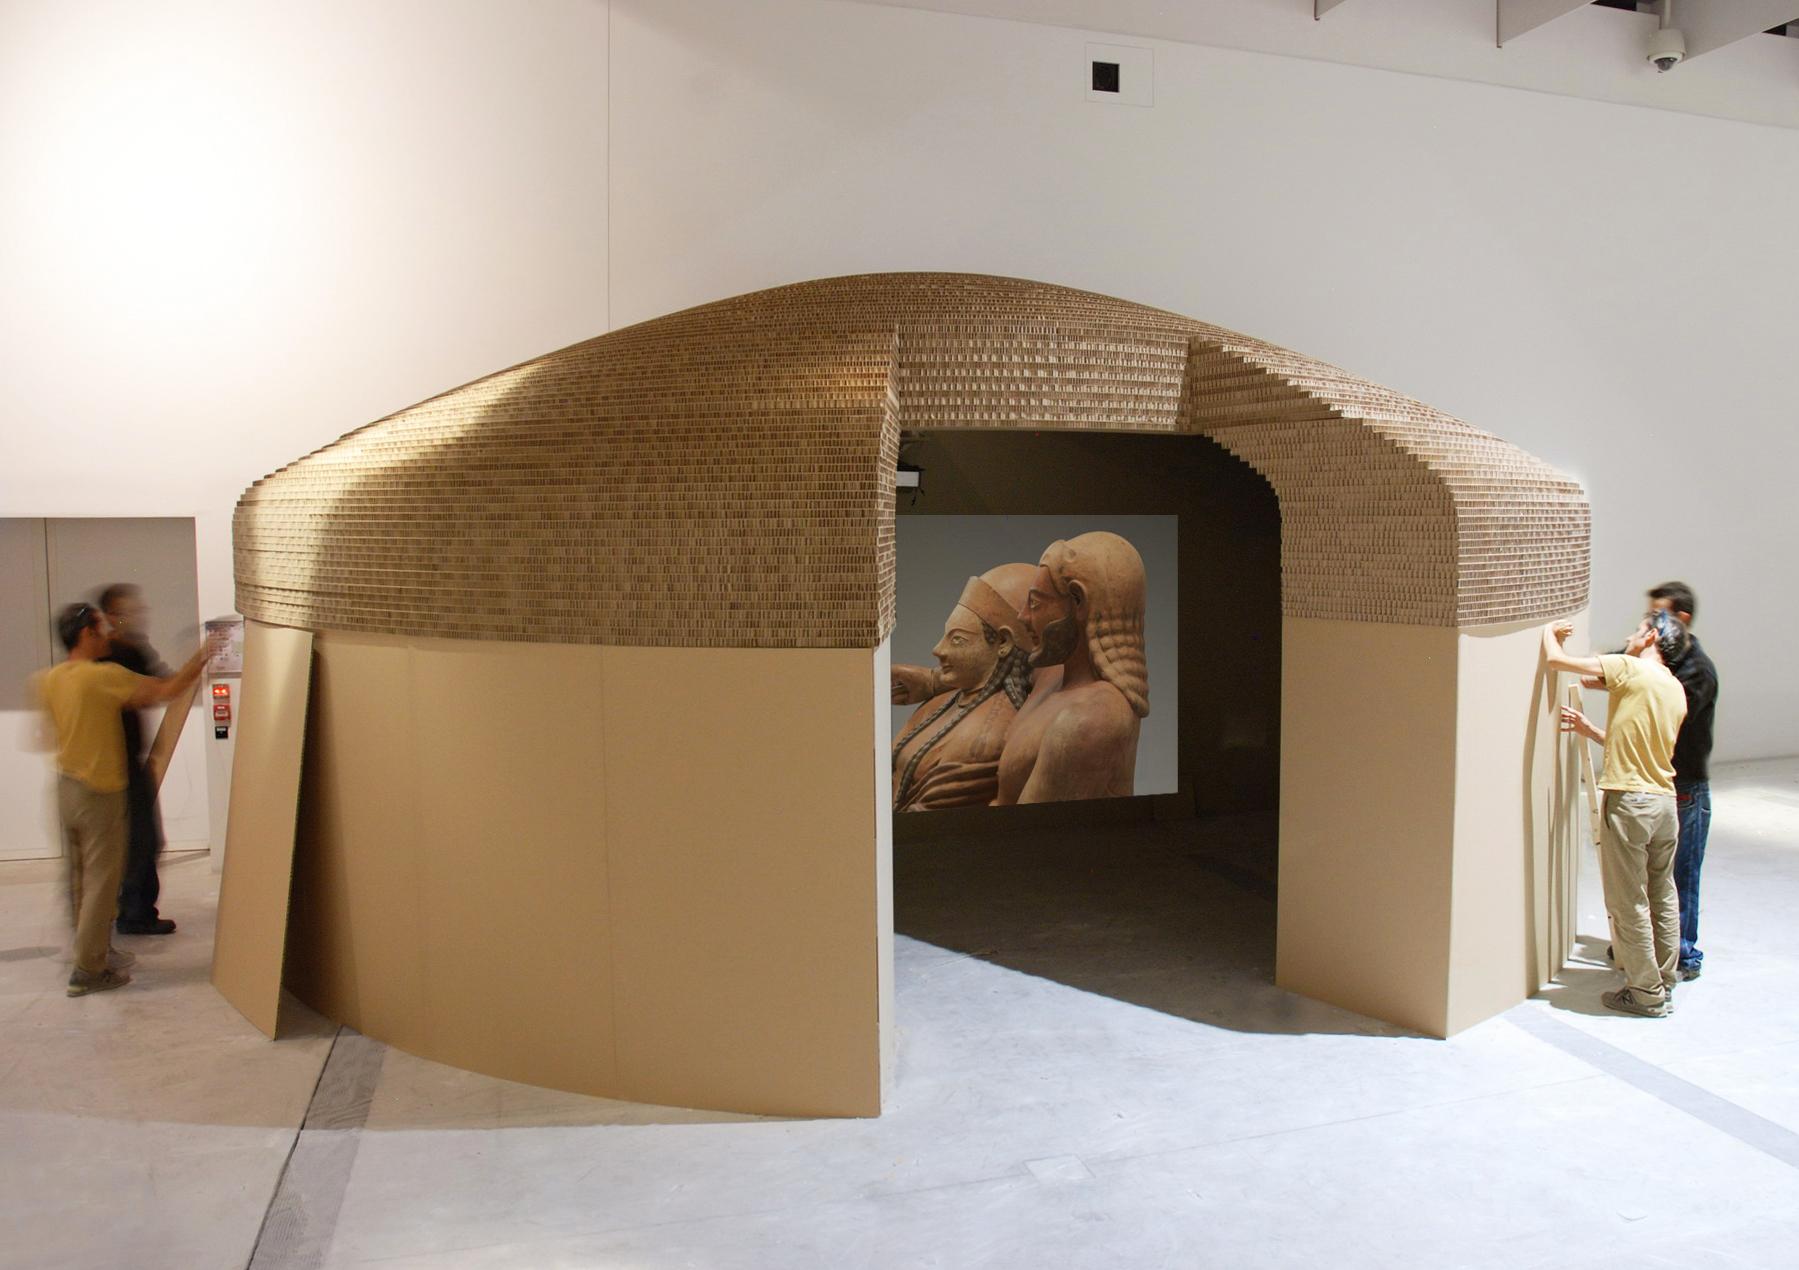 Installazioni in cartone al Louvre-Lens